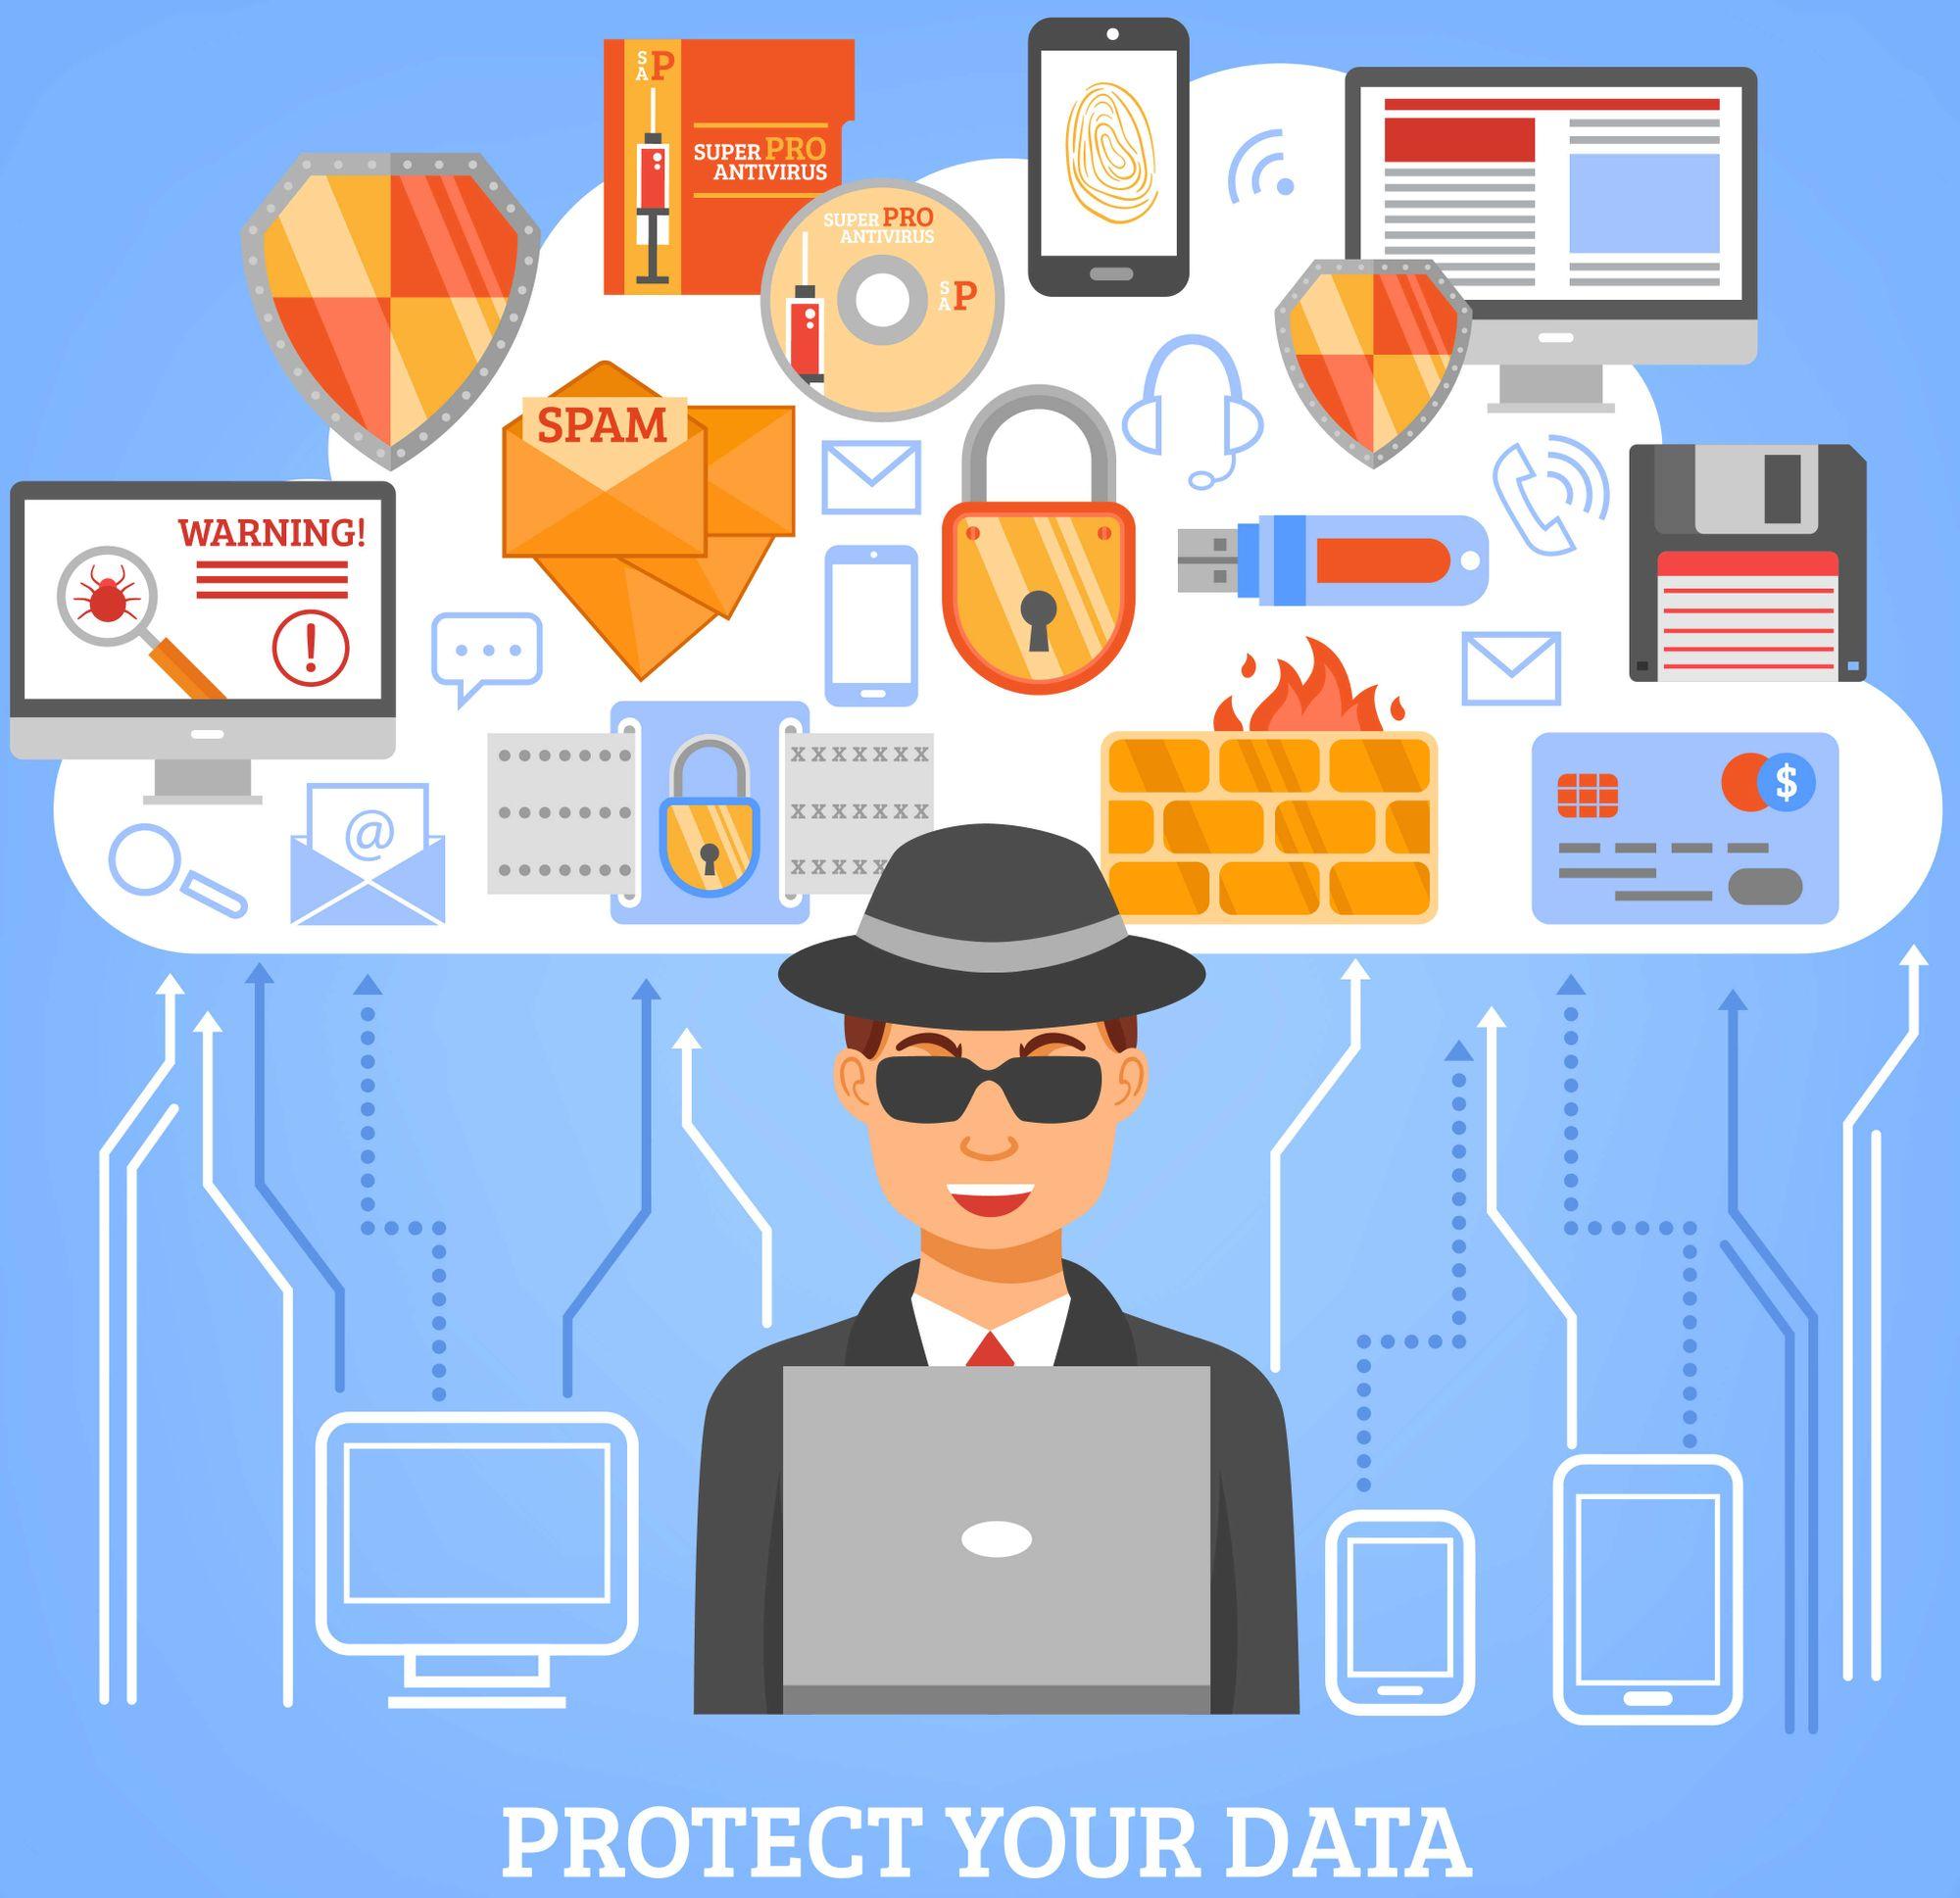 Vulnerabilidades informáticas en tiempos del COVID-19 y la importancia de la seguridad informática